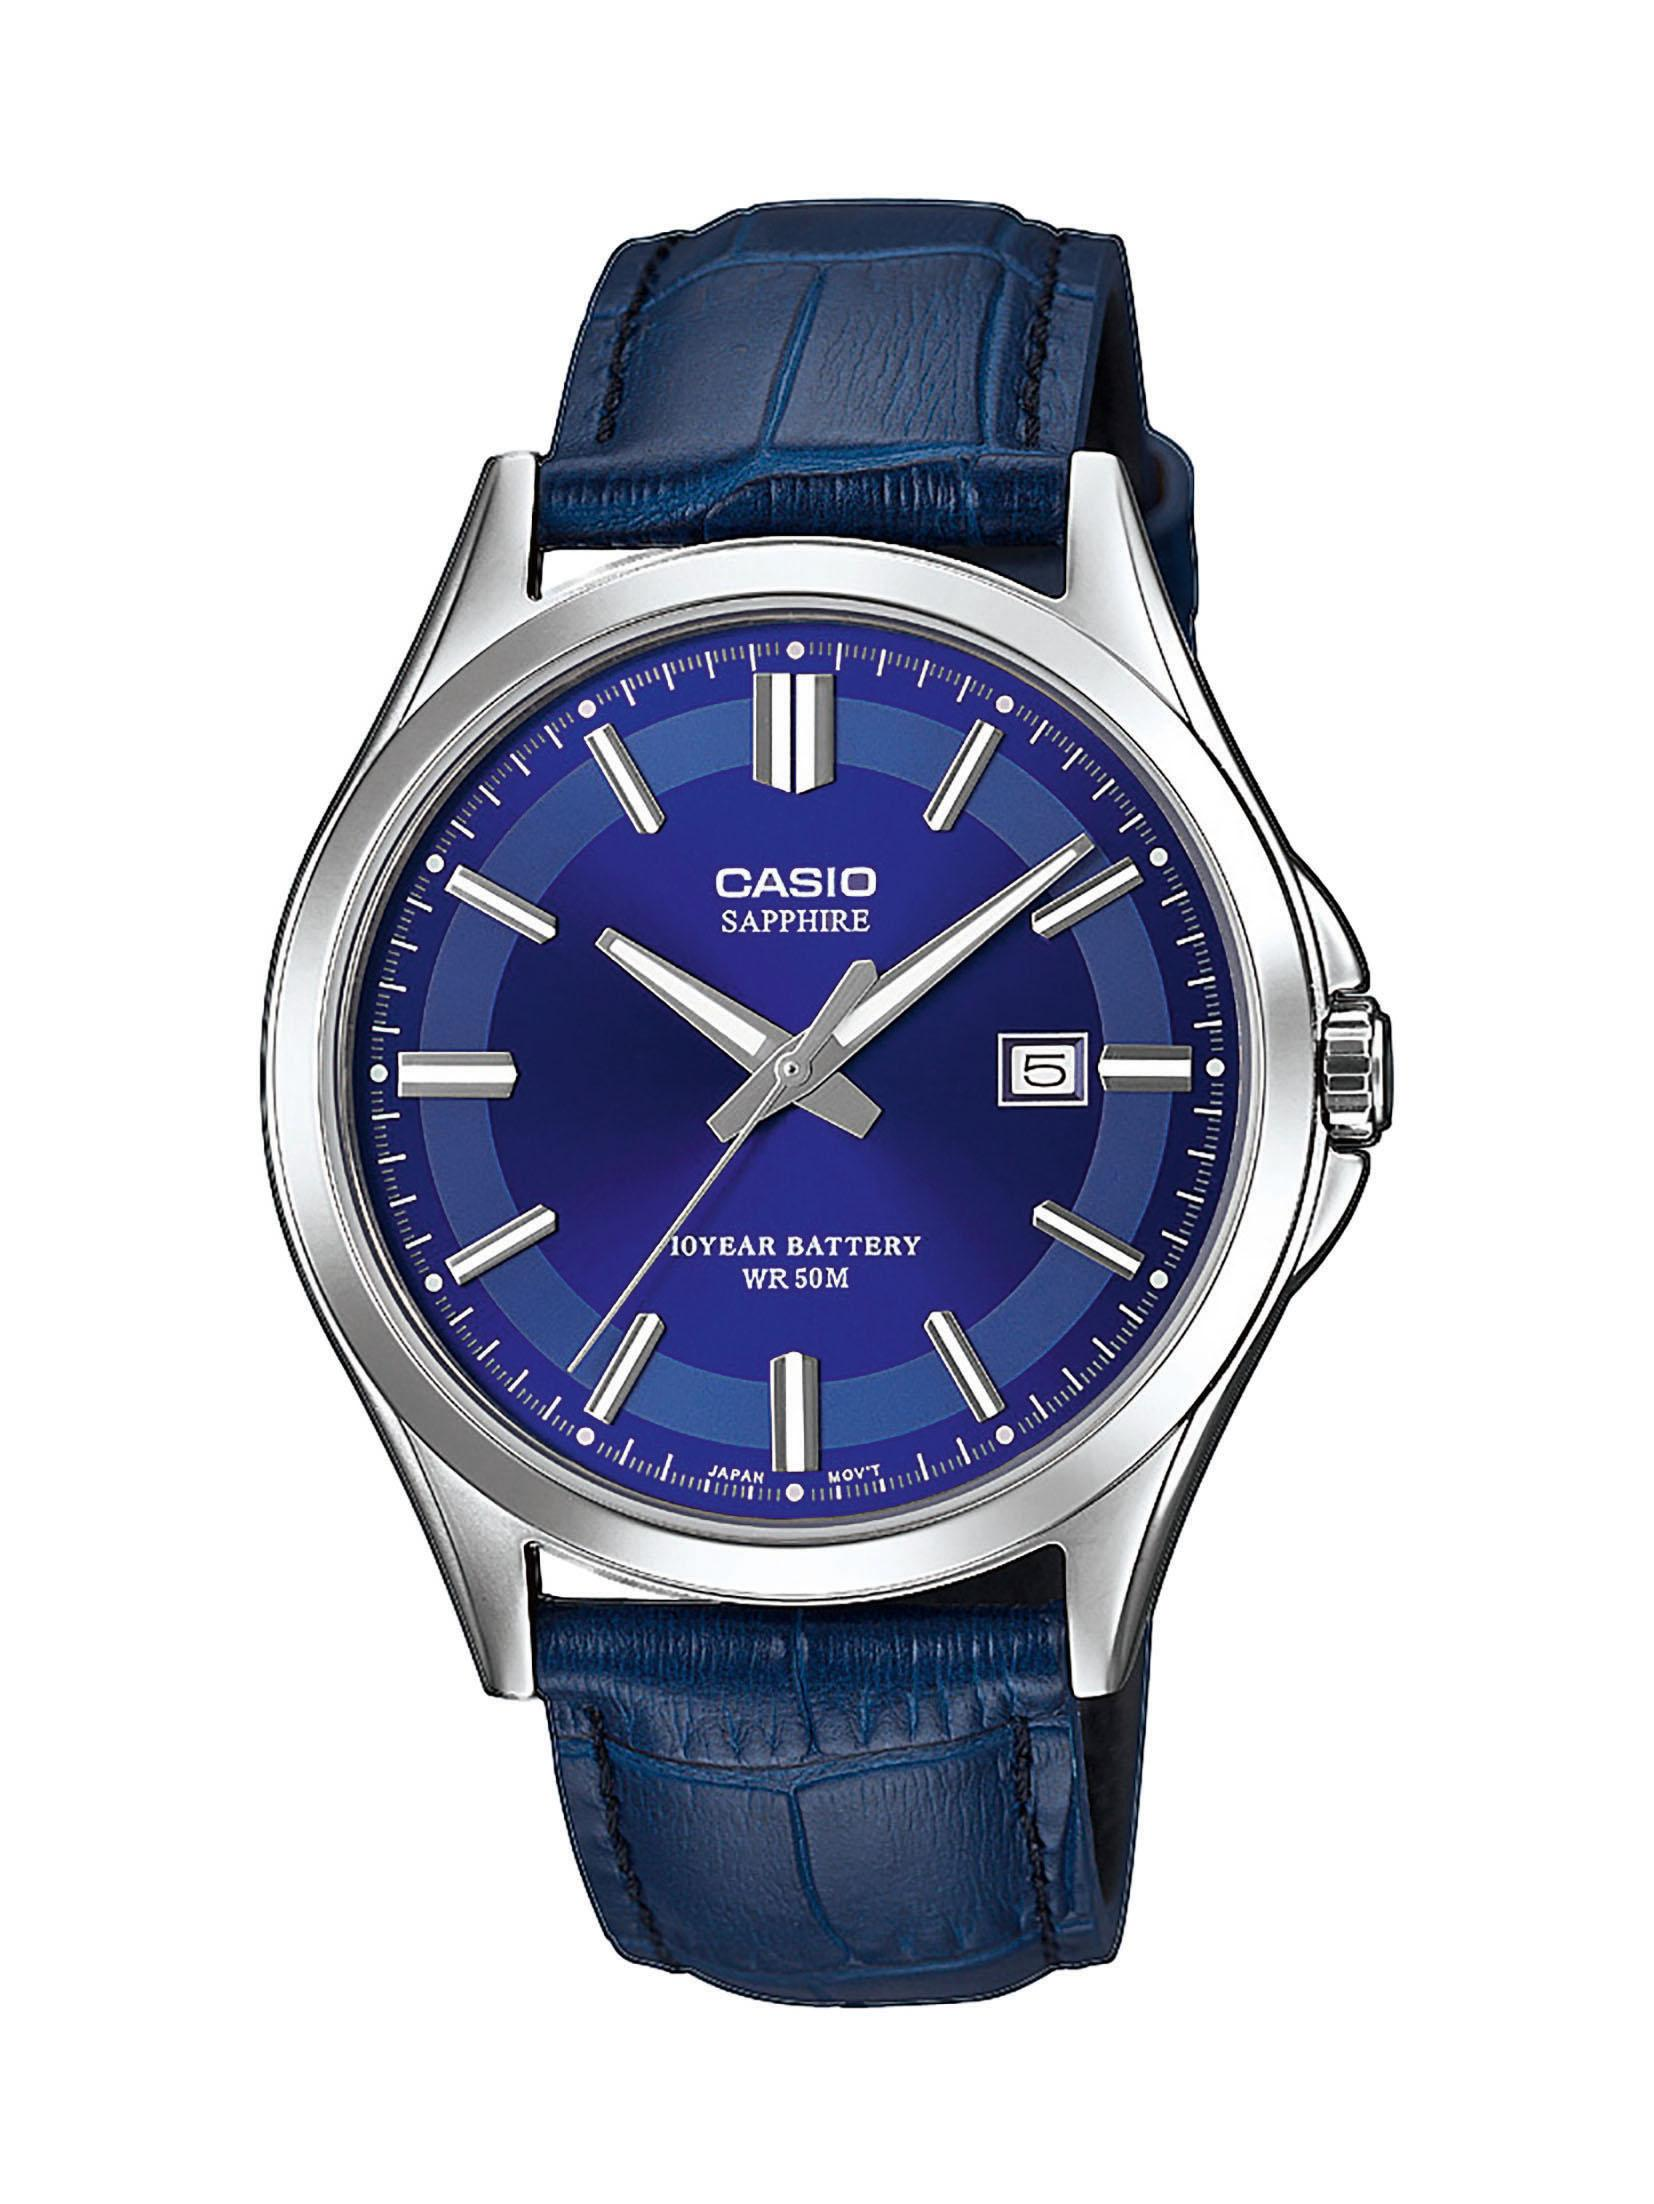 Ανδρικό Ρολόι Casio Collection Classic MTS-100L-2AVEF